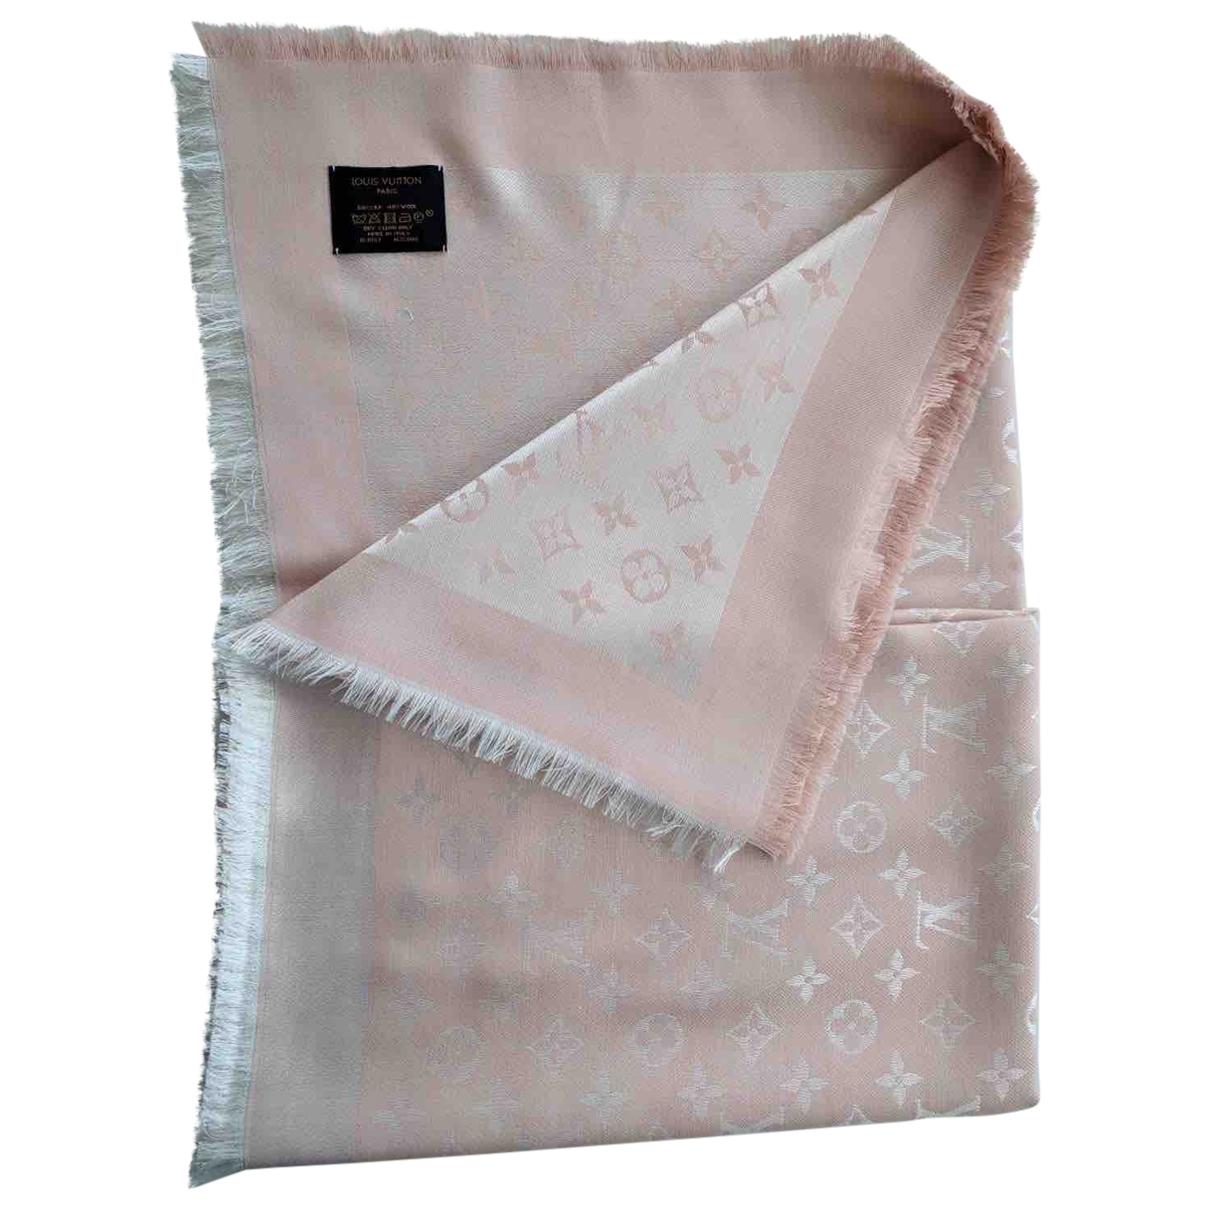 Louis Vuitton - Foulard Chale Monogram shine pour femme en soie - rose